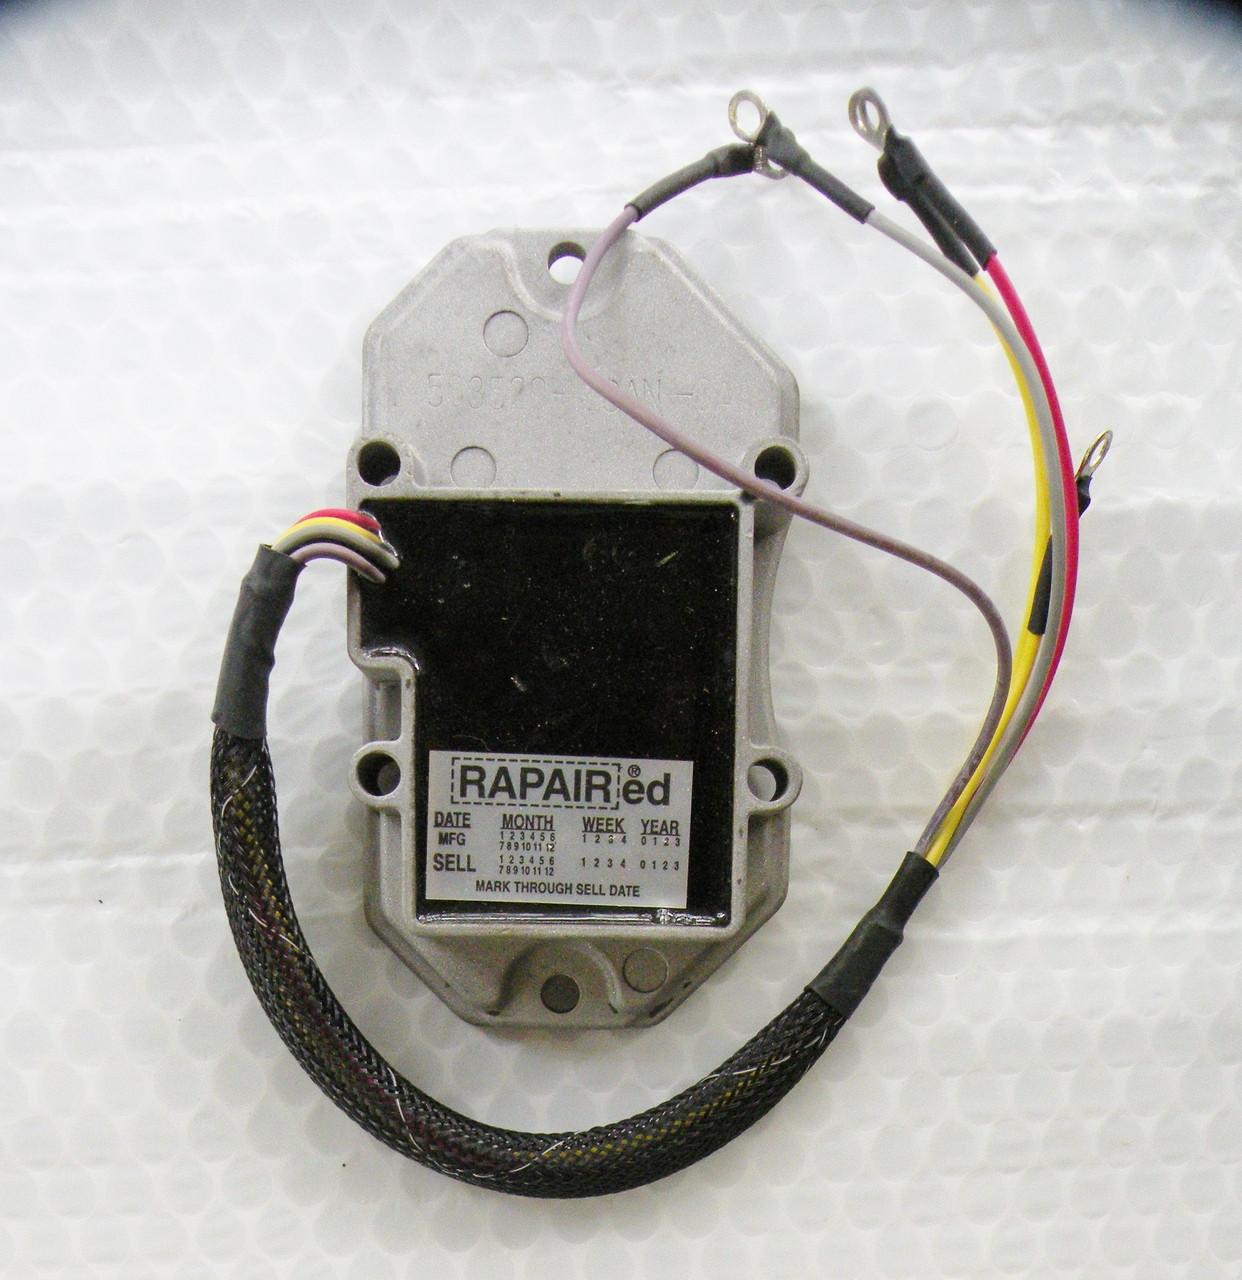 omc wiring regulator wiring diagram online Polaris Wiring 584204 omc voltage regulator rapair rebuilt outboard paradise electrical panel wiring omc wiring regulator